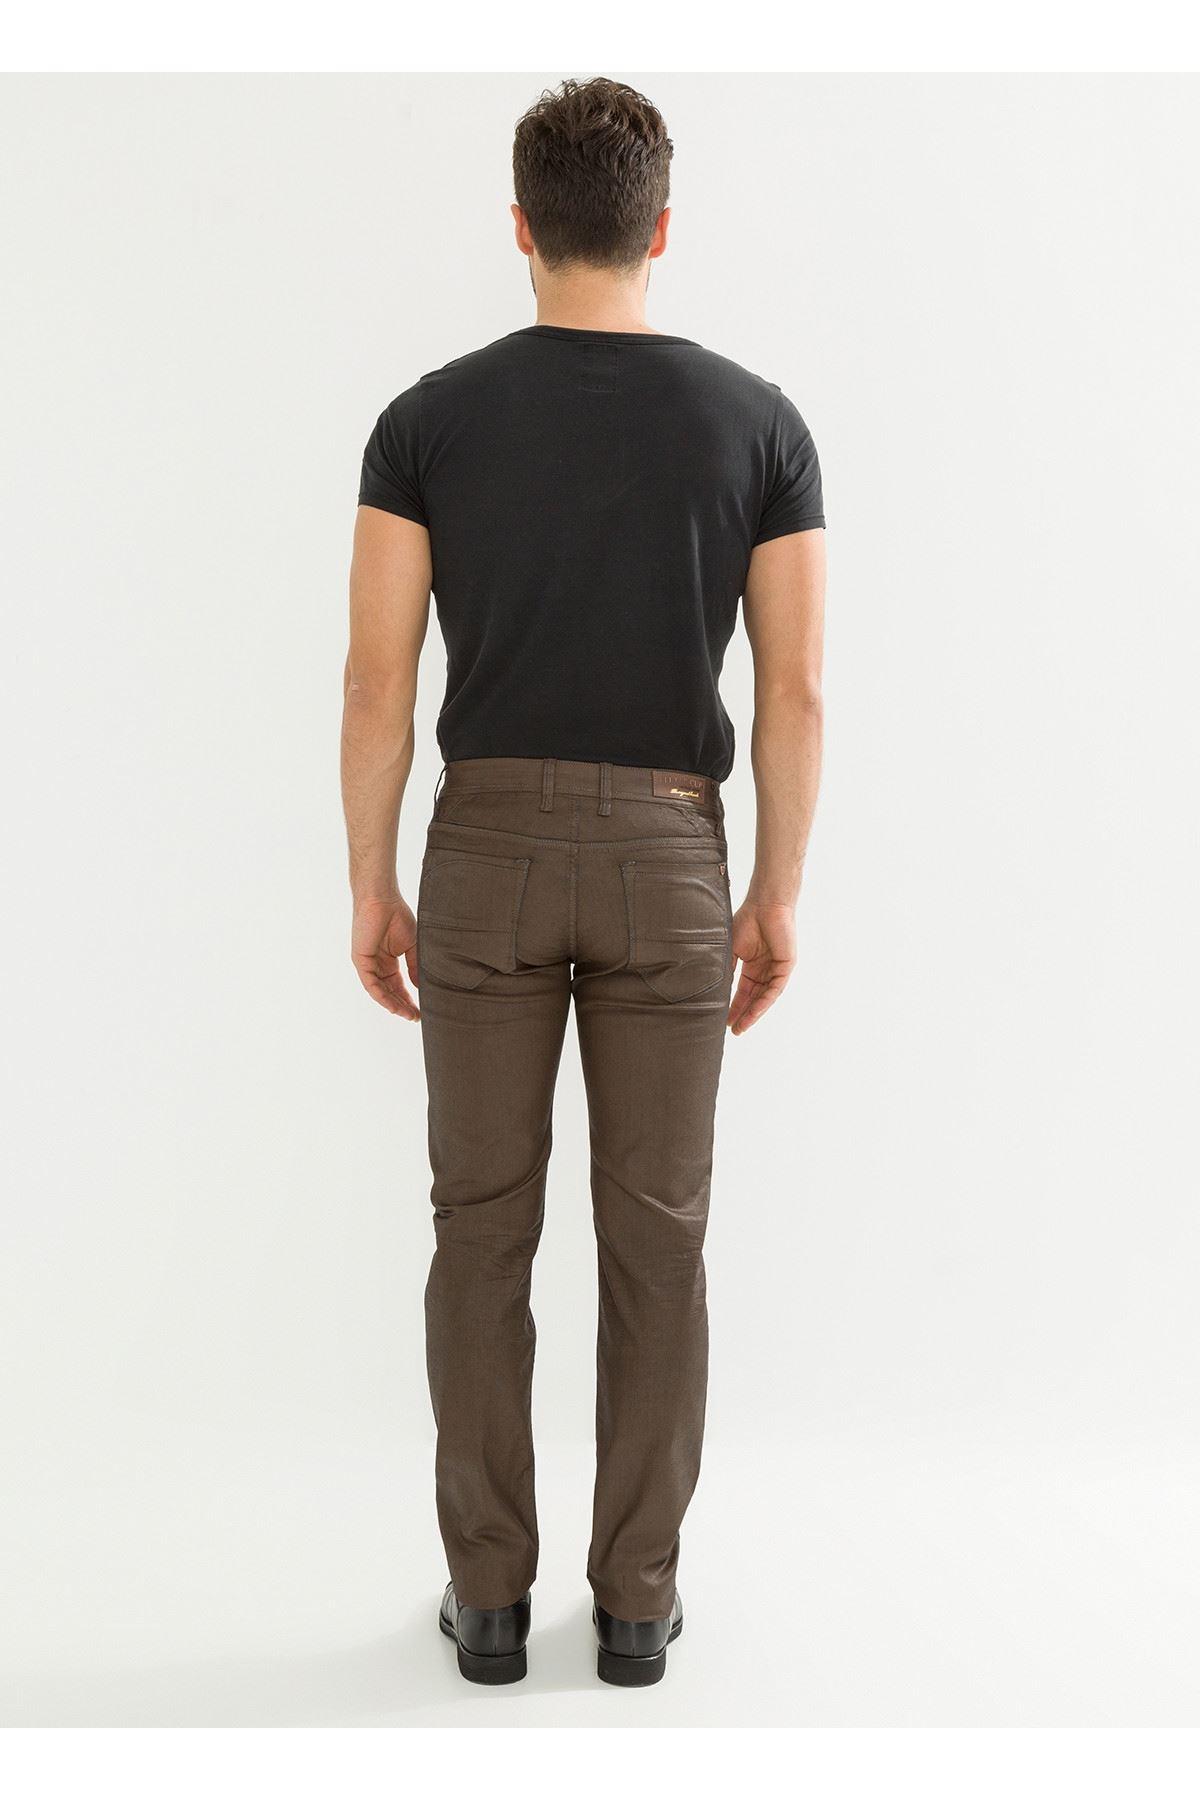 Deri Görünüm Özel Kahverengi Kaplamalı Erkek Pantolon